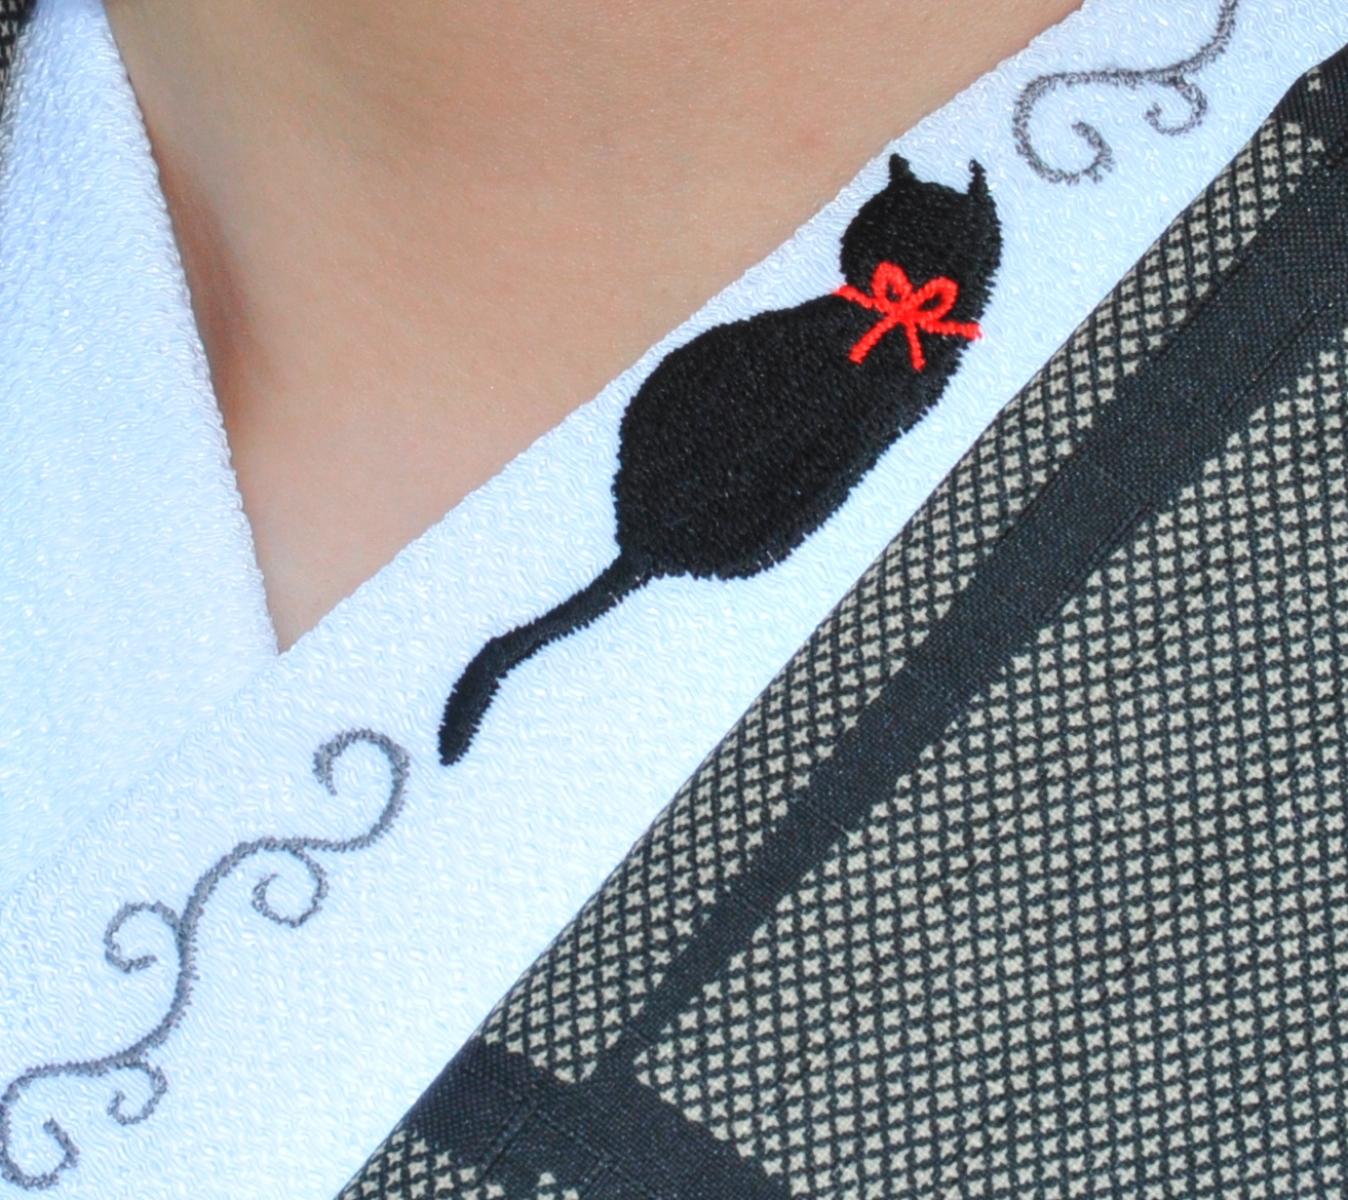 ひめ吉オリジナル商品です 黒猫とツタ半衿☆刺繍 可愛い ねこ ひめ吉オリジナル半襟☆ワンポイント半襟☆「配送について」をお読みください★